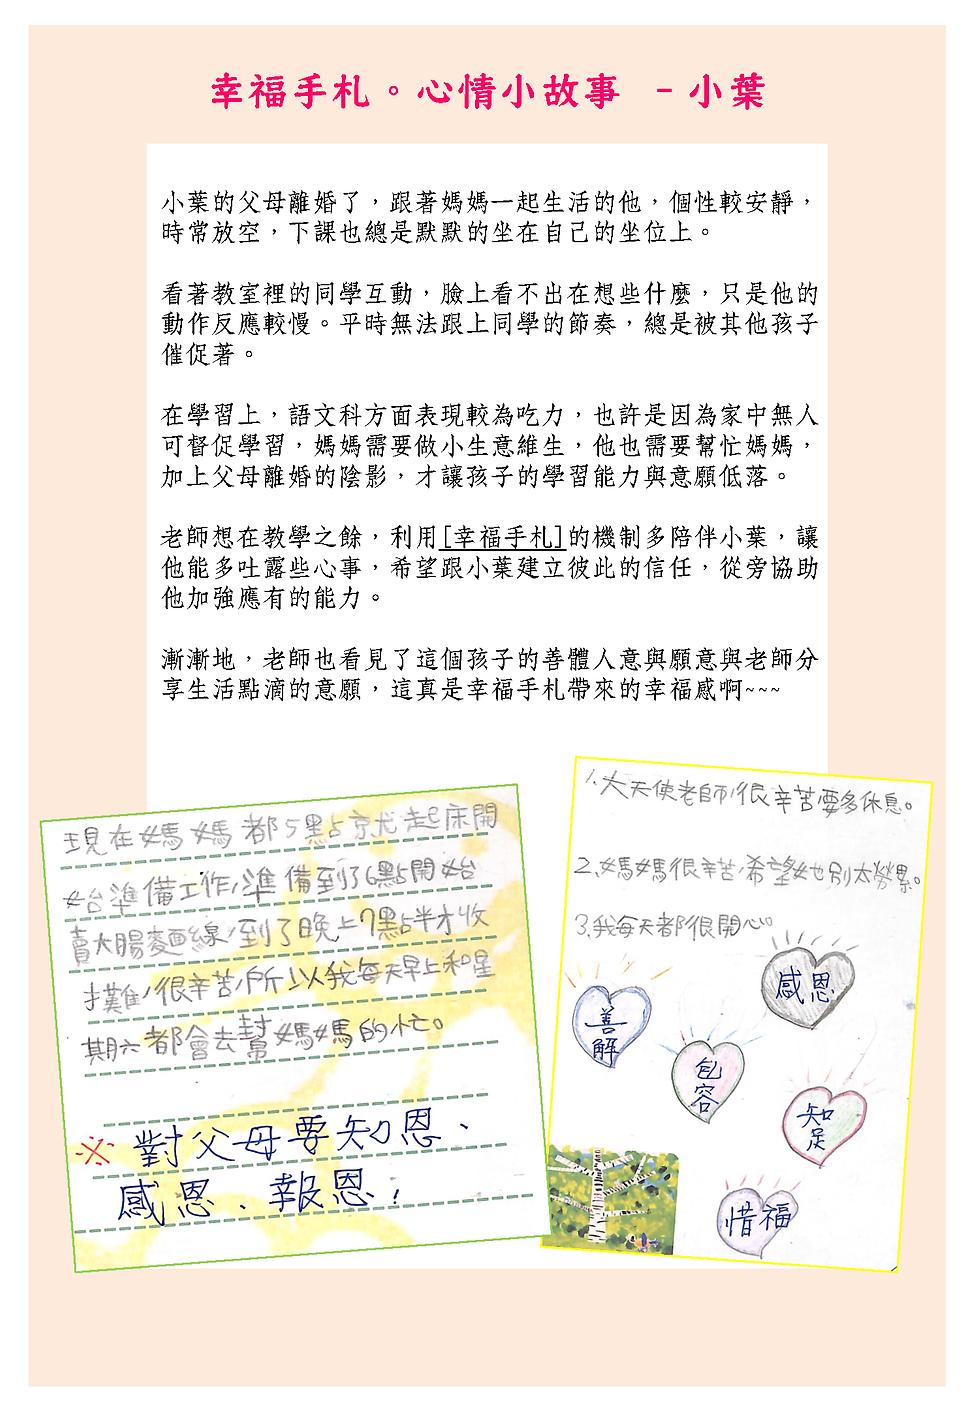 幸福手札故事集-小葉.png